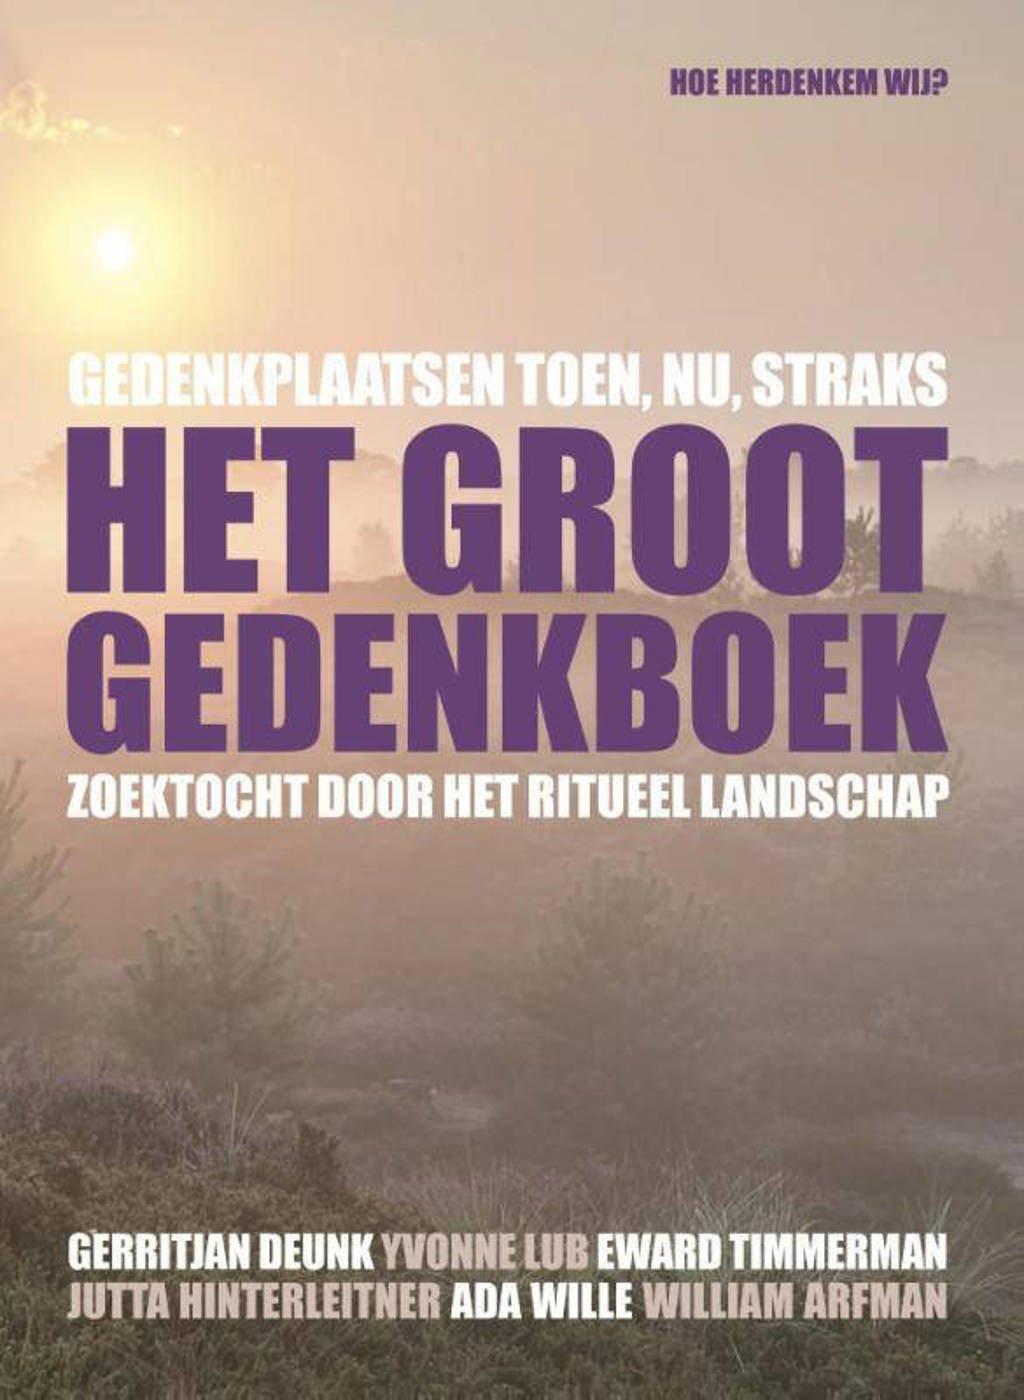 Het groot gedenkboek - Gerritjan Deunk en Yvonne Lub